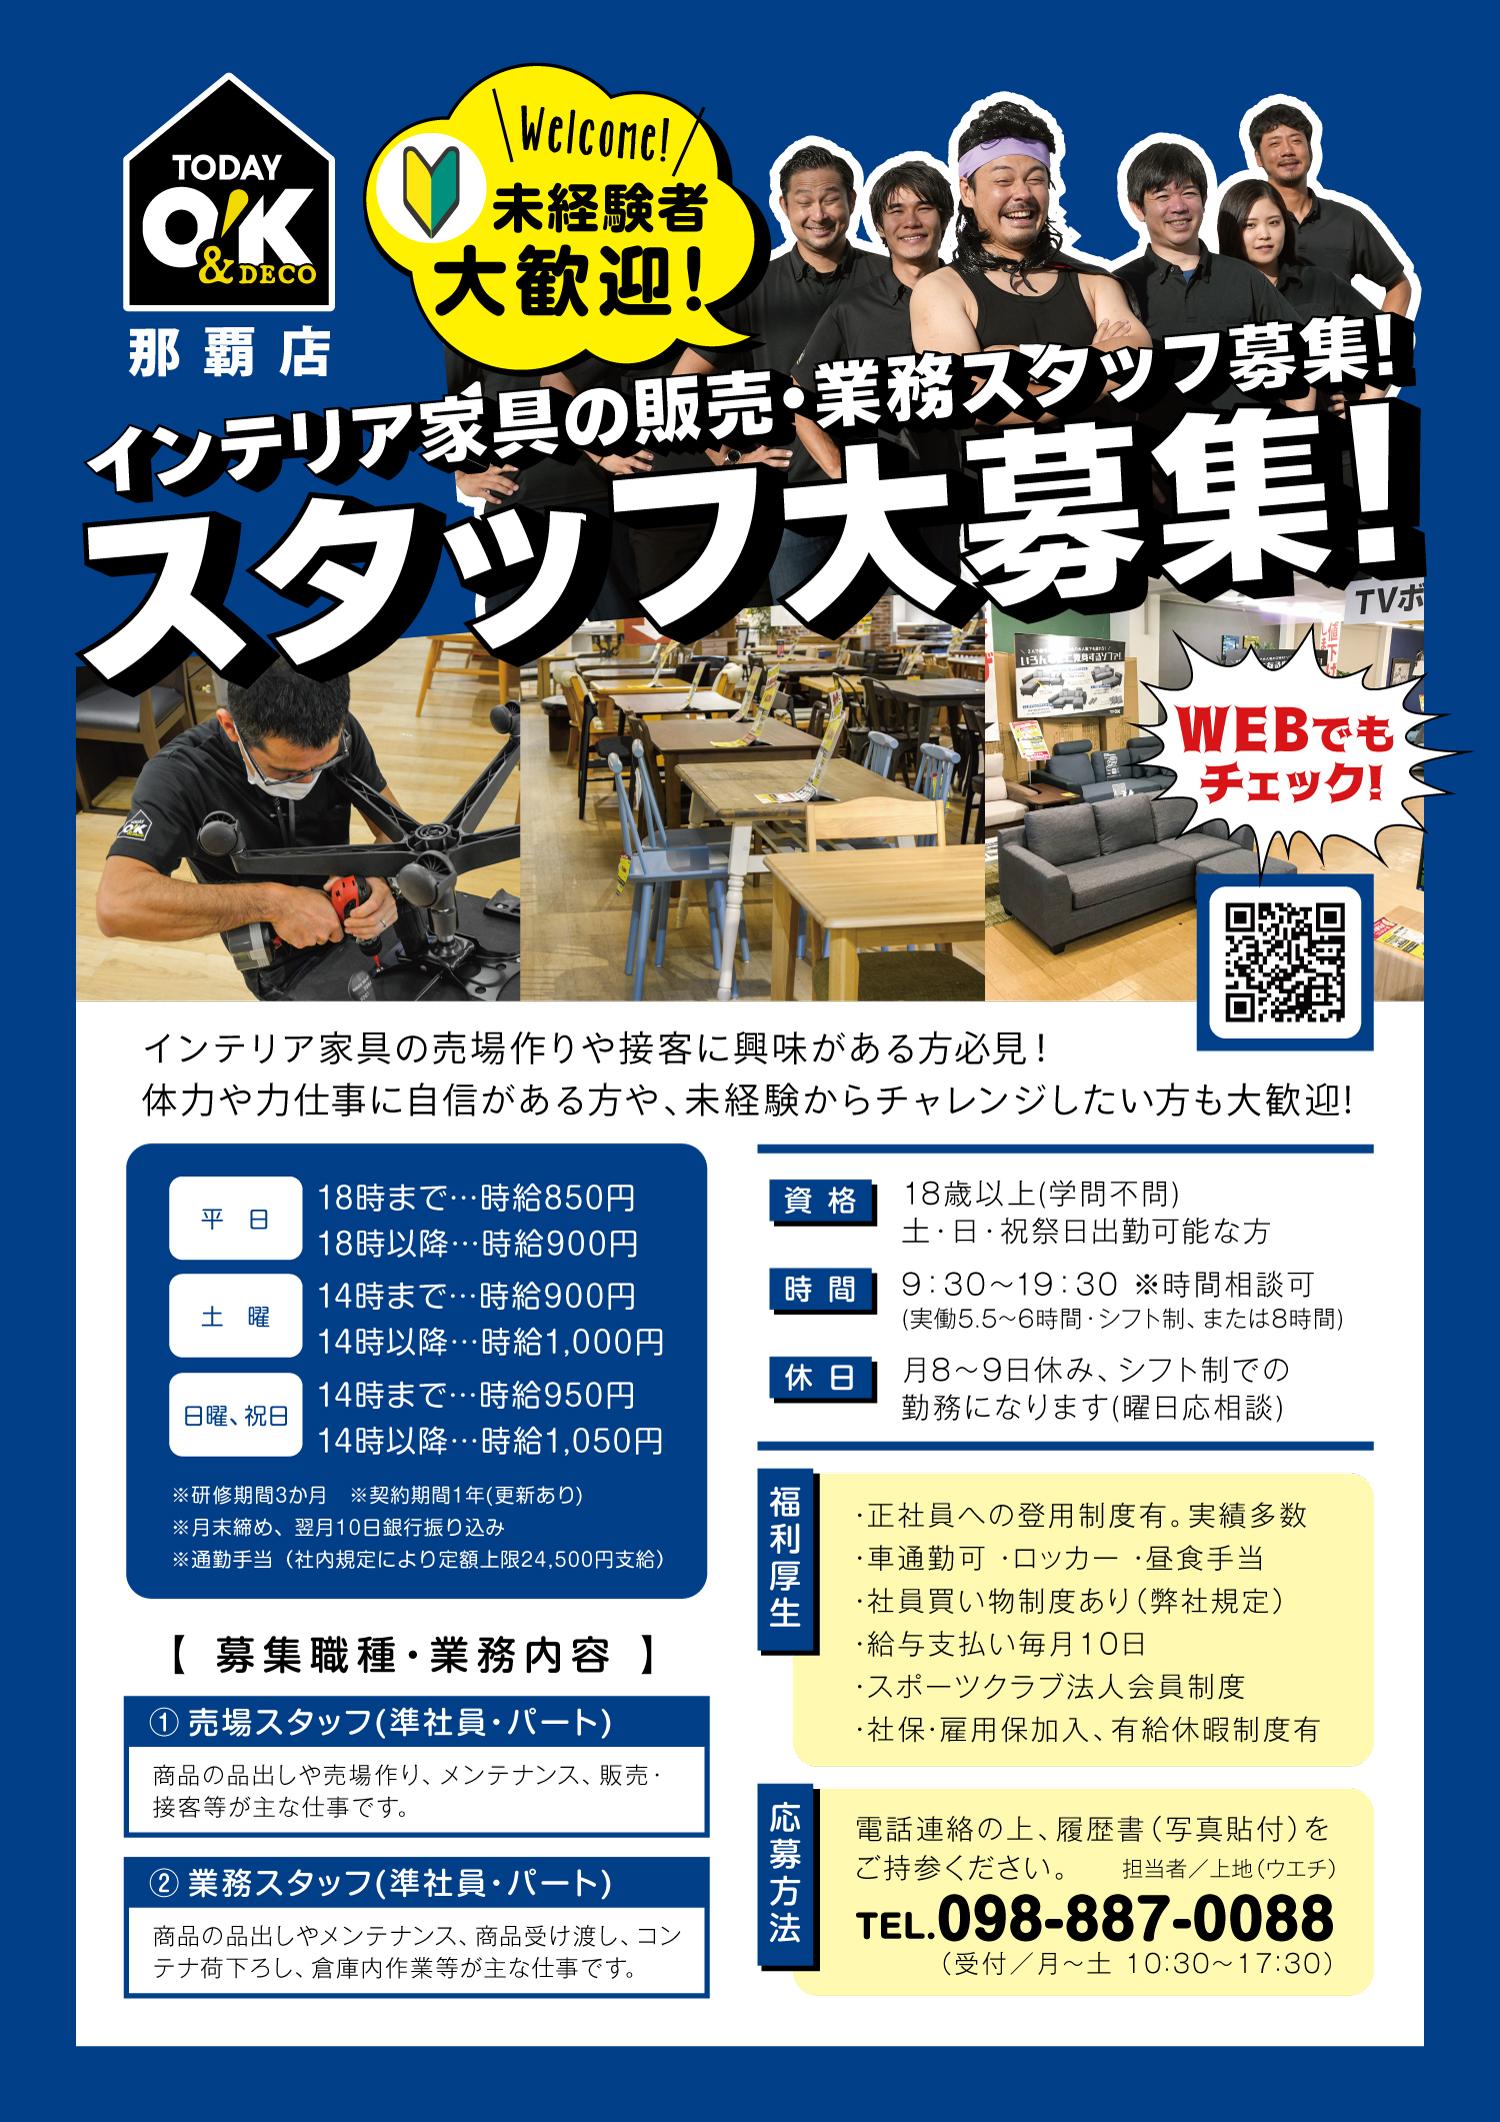 [ 未経験者歓迎 ] インテリア家具の販売・業務スタッフ大募集!